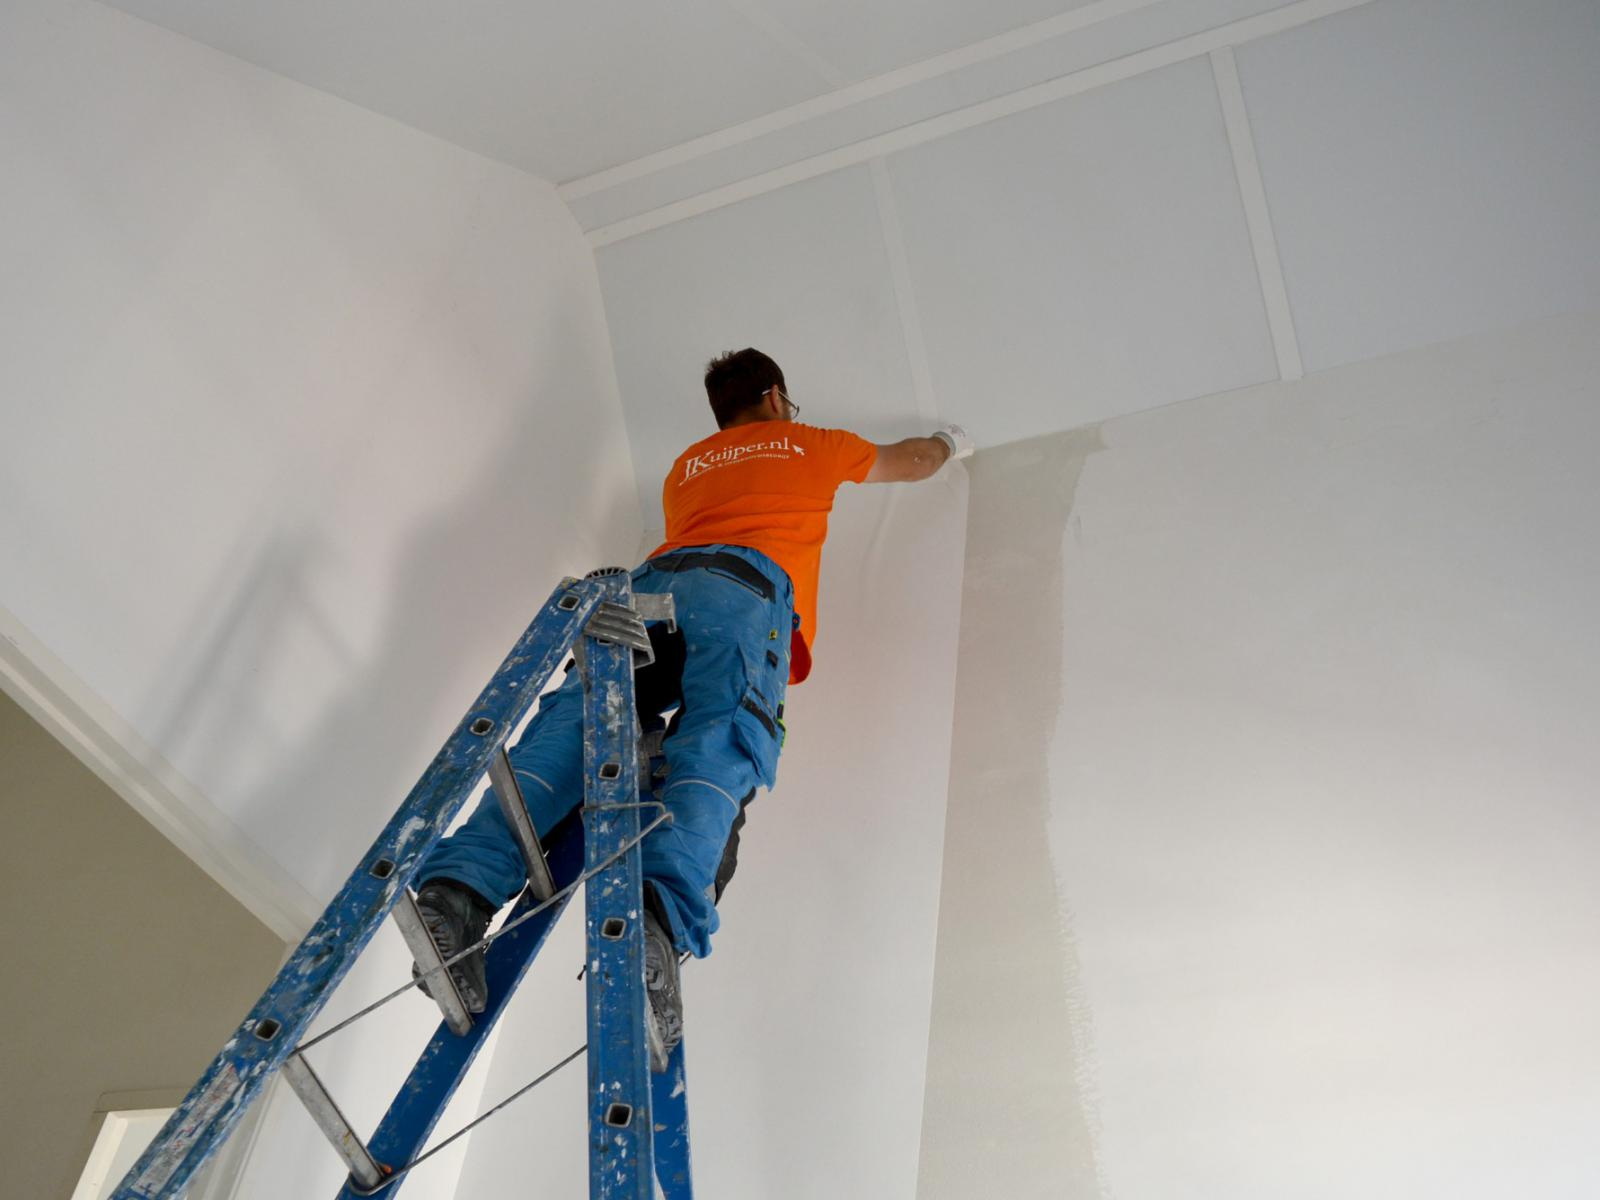 Strakke muren met renovlies behang!